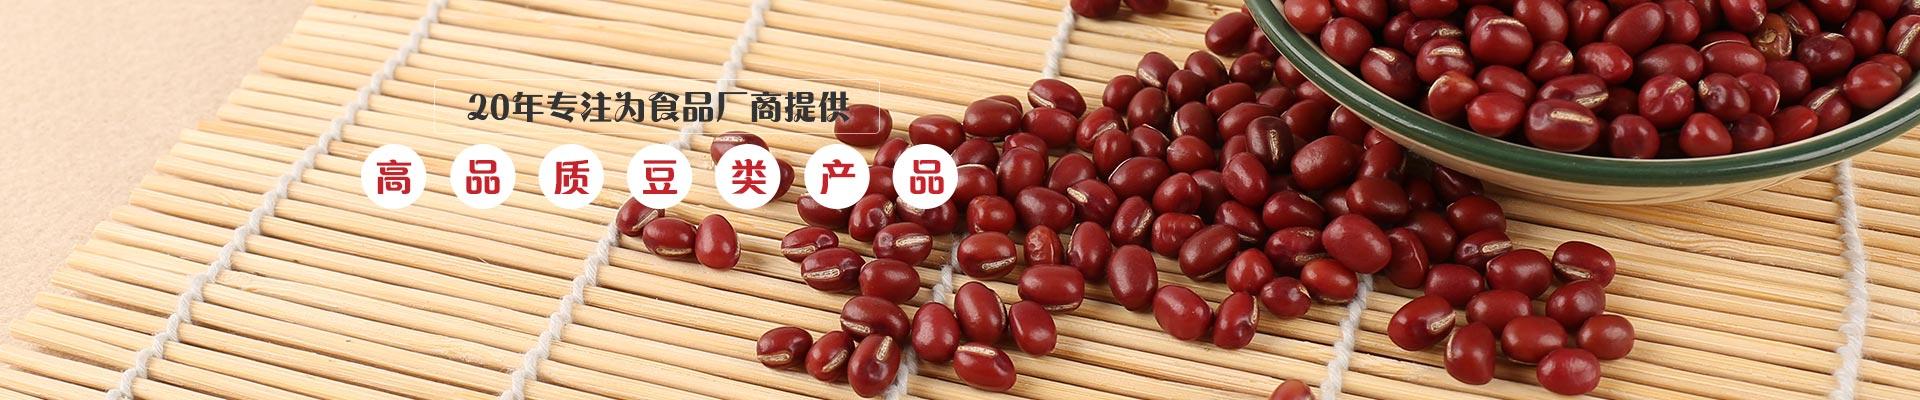 金威玛20年专注为食品厂商提供 高品质豆类产品